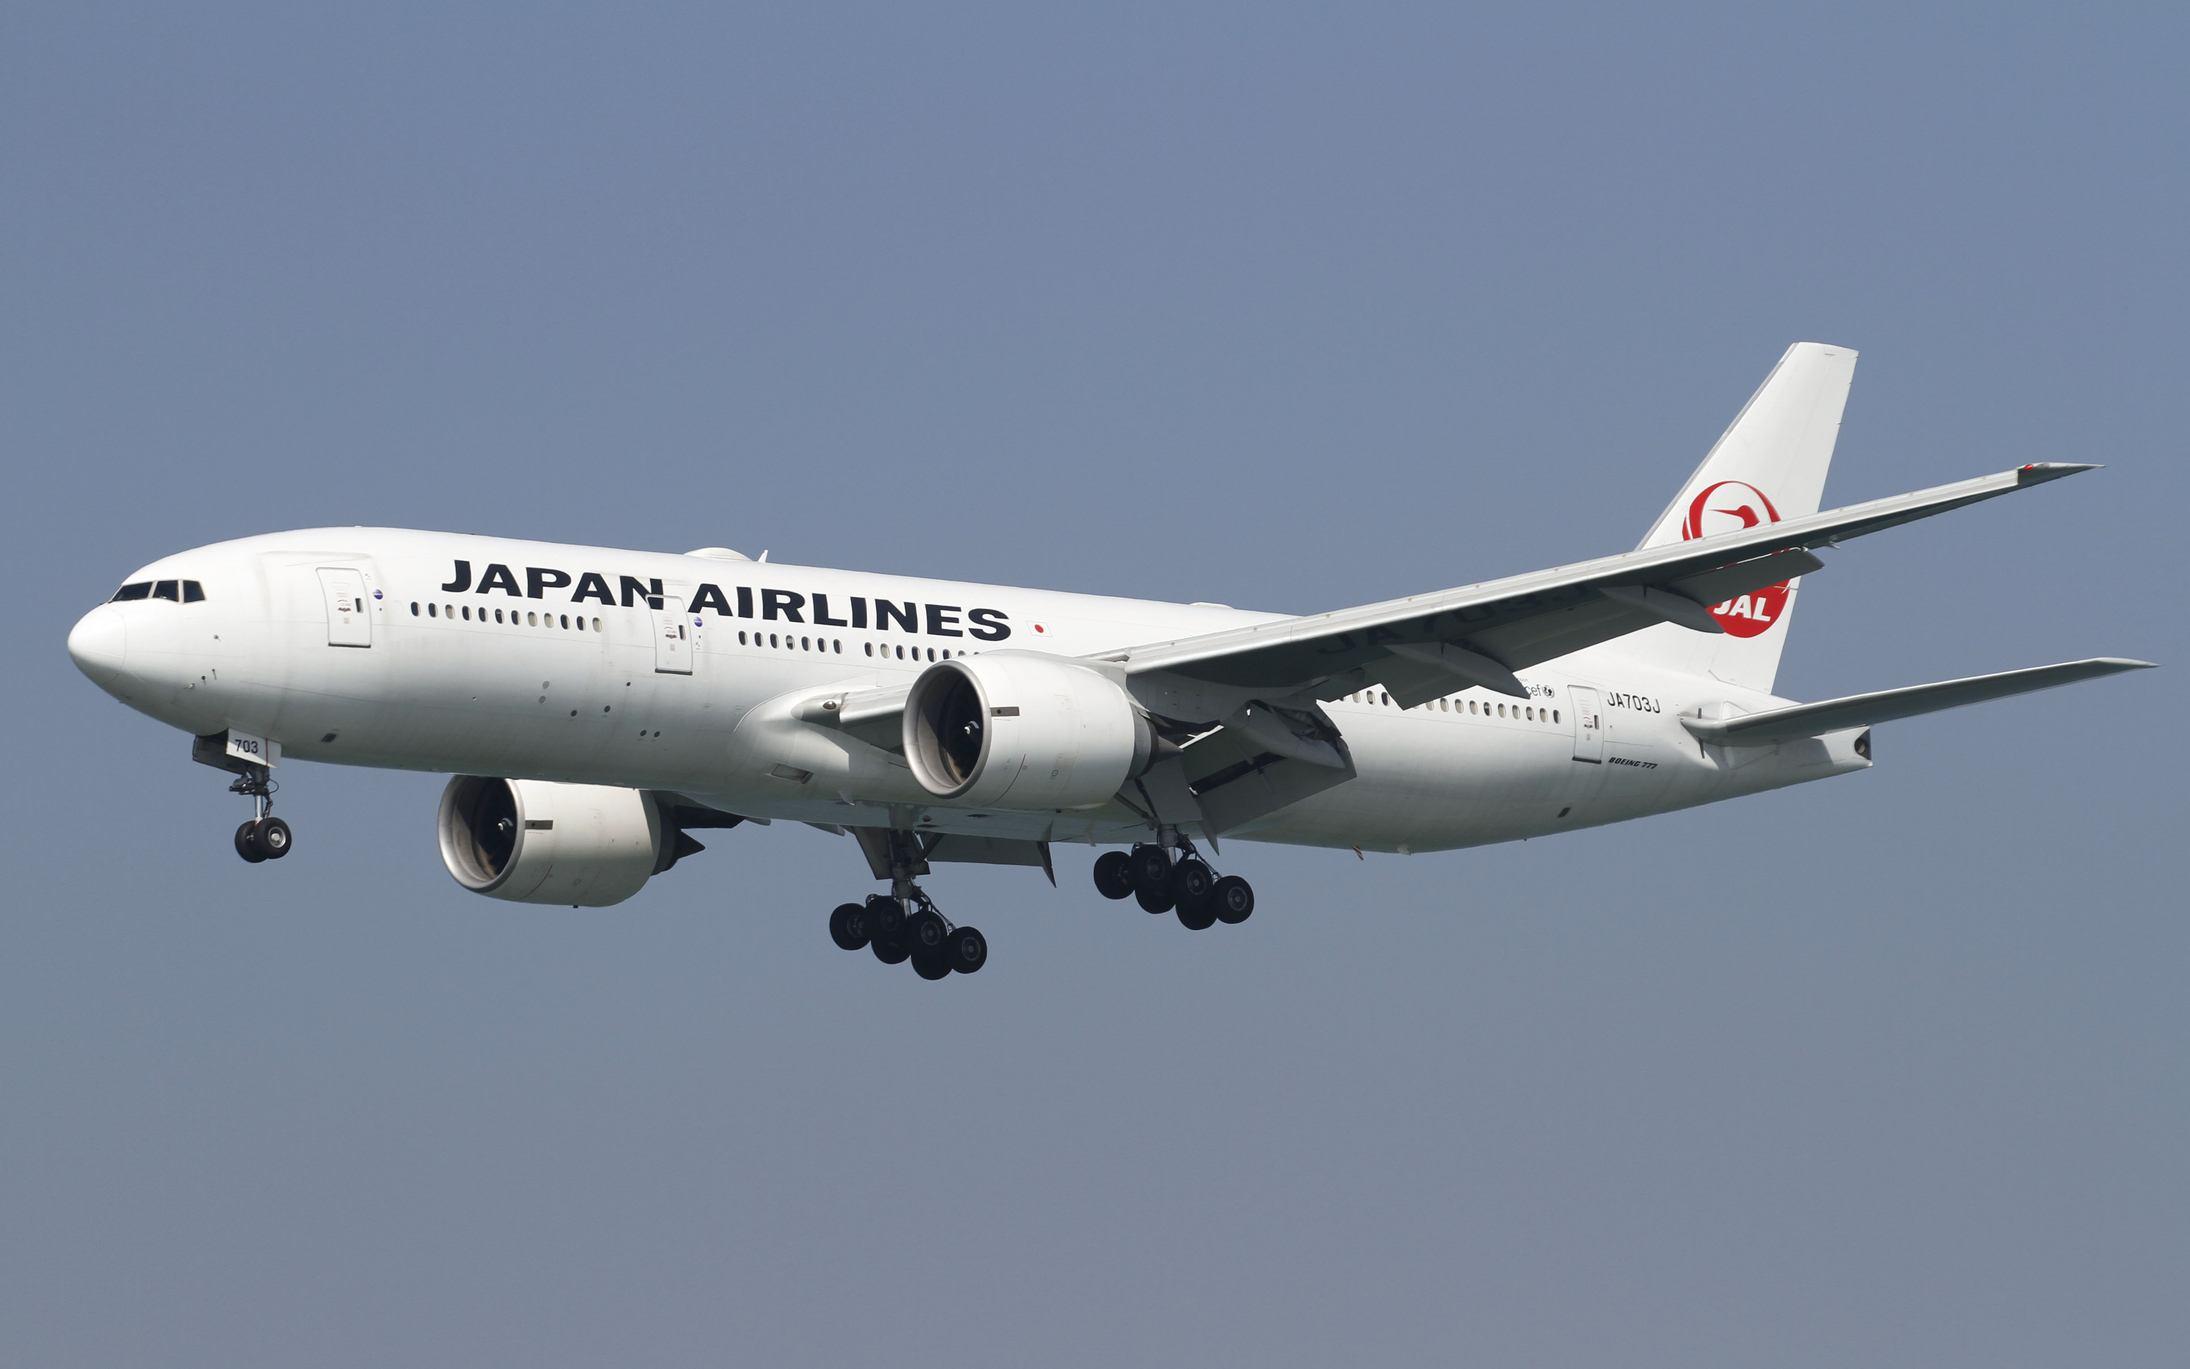 Japan Airlines Boeing 777 in flight